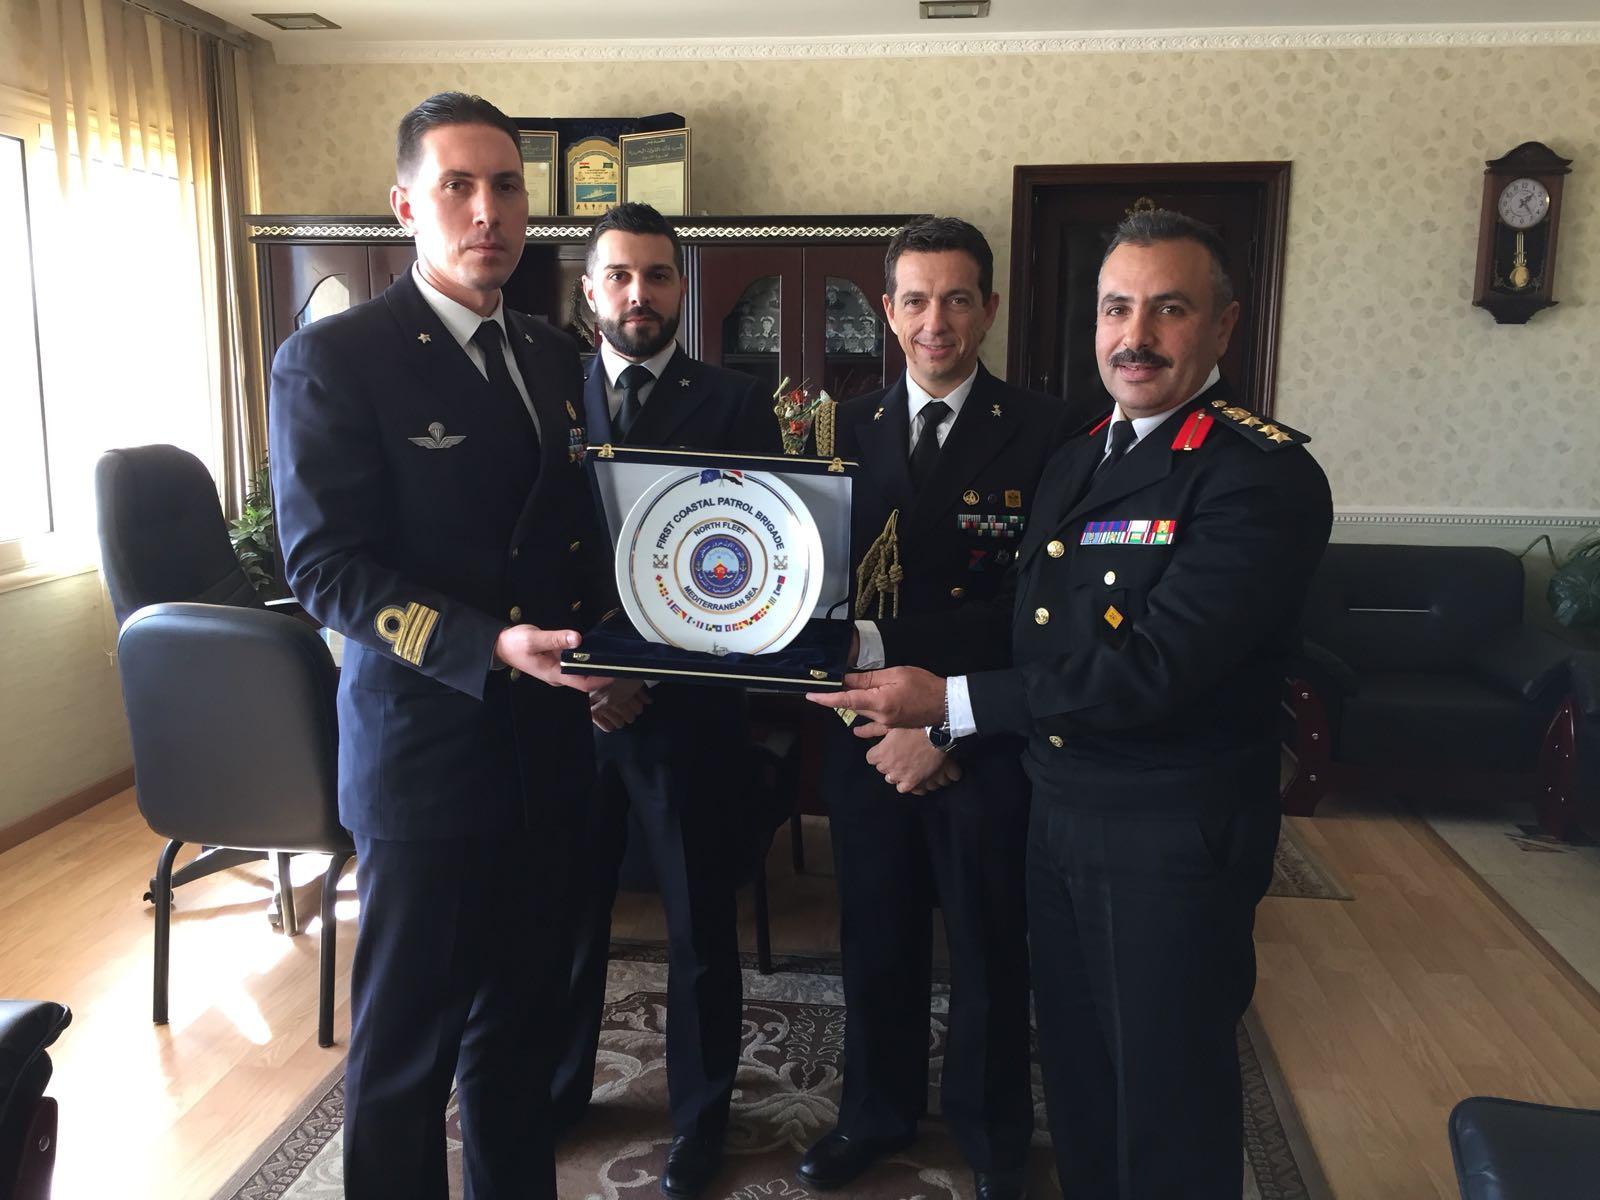 SAR e Coast Guard field. Egitto e Italia cooperano attraverso la Guardia Costiera